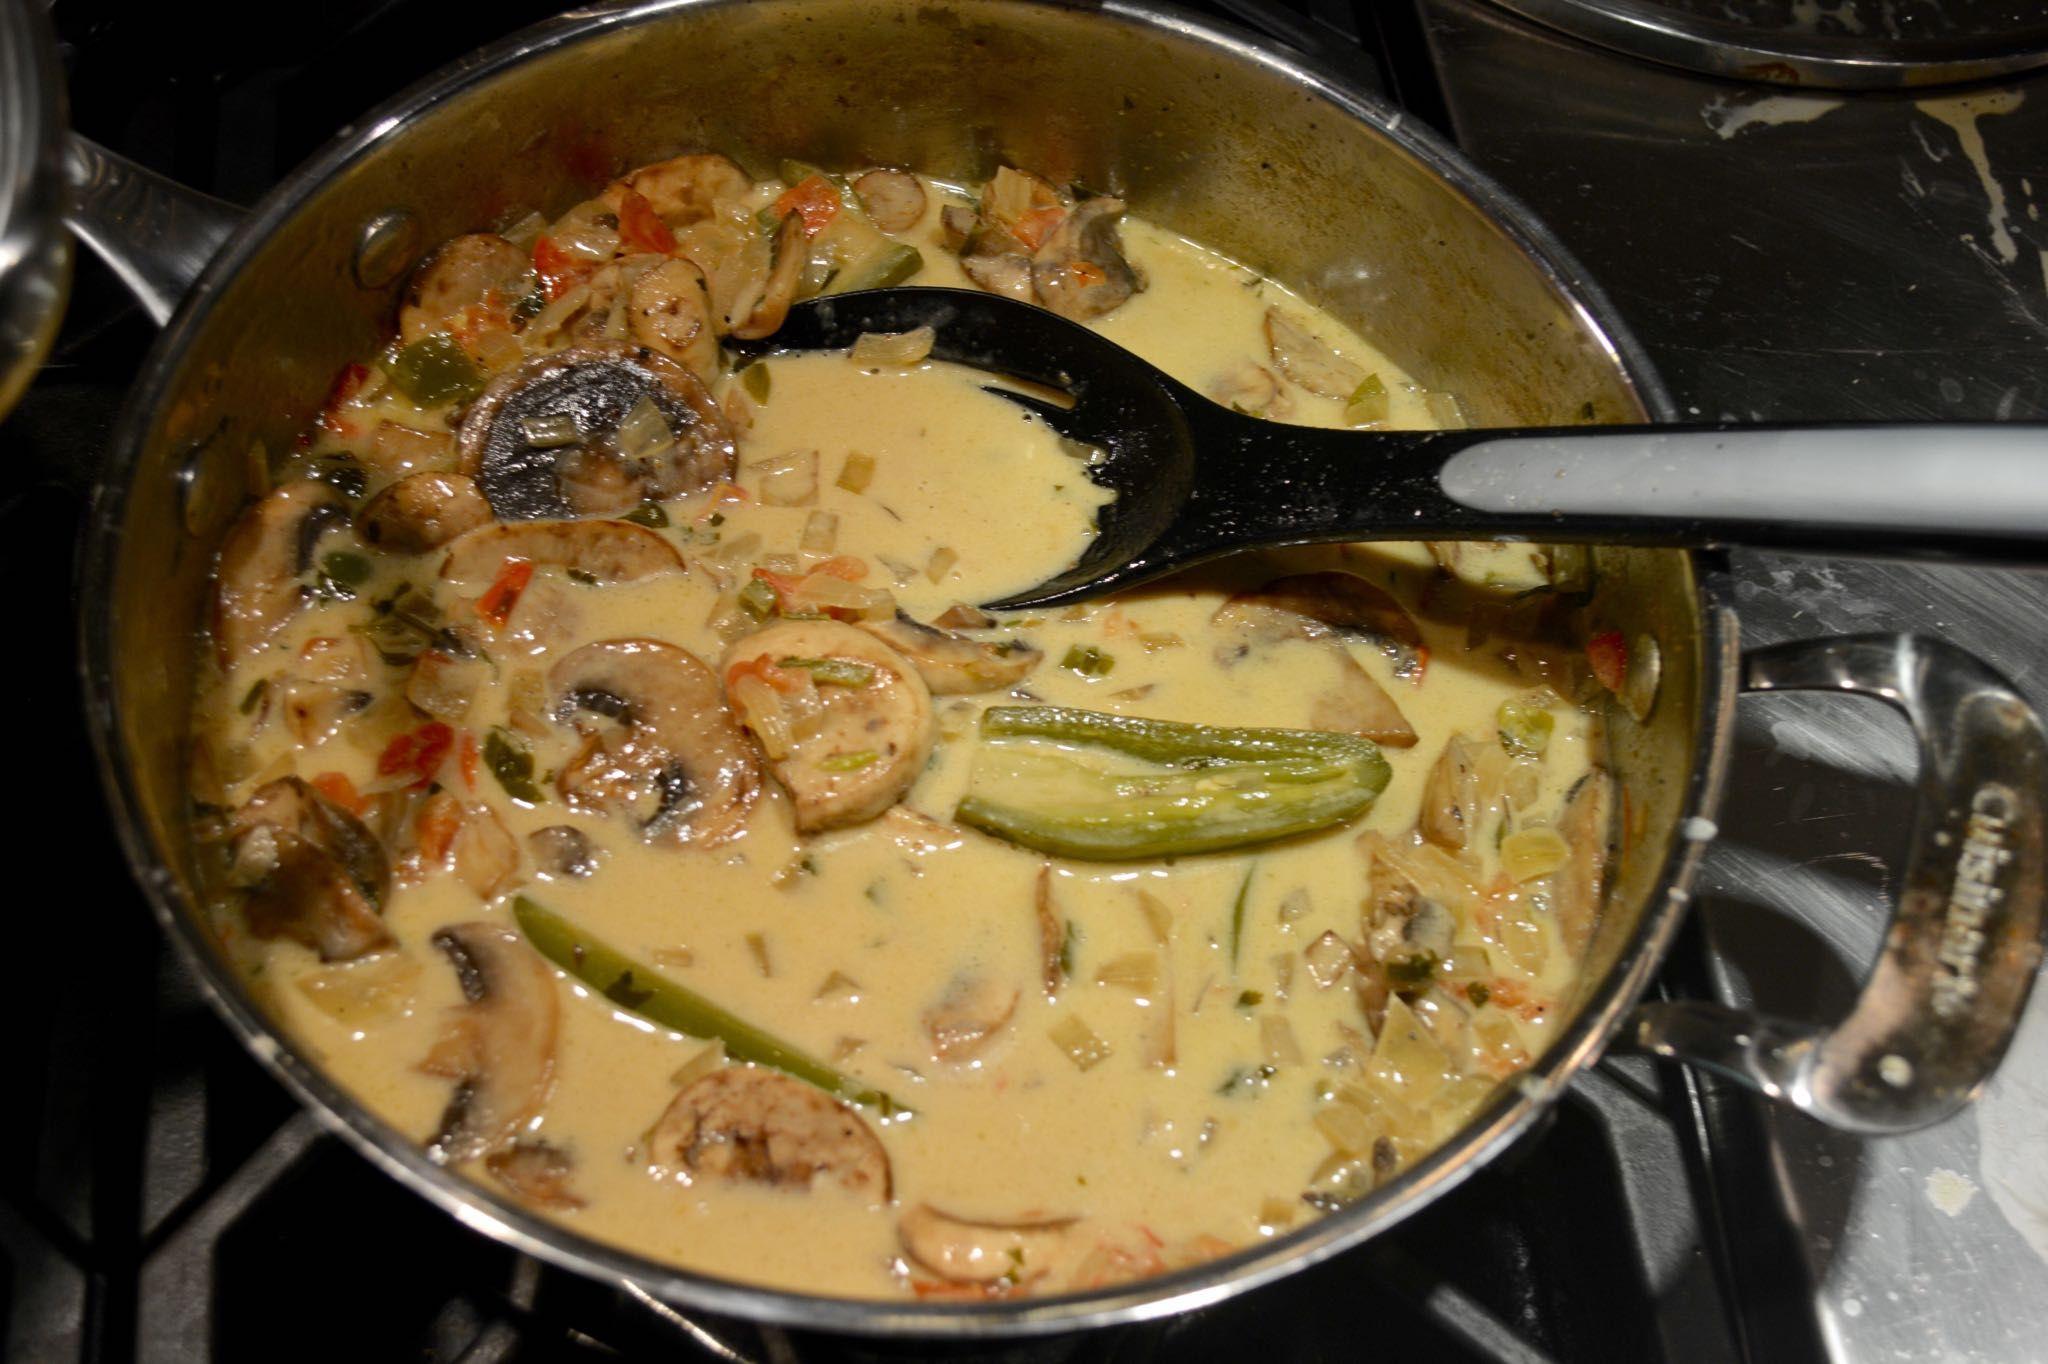 Pachuga Gravy For Fajitas Full Meal In Comments Oc 2048x1536 Want An Ipad Air Air 2 Air Pro Follow Ipad A Full Meal Recipes Food Processor Recipes Food